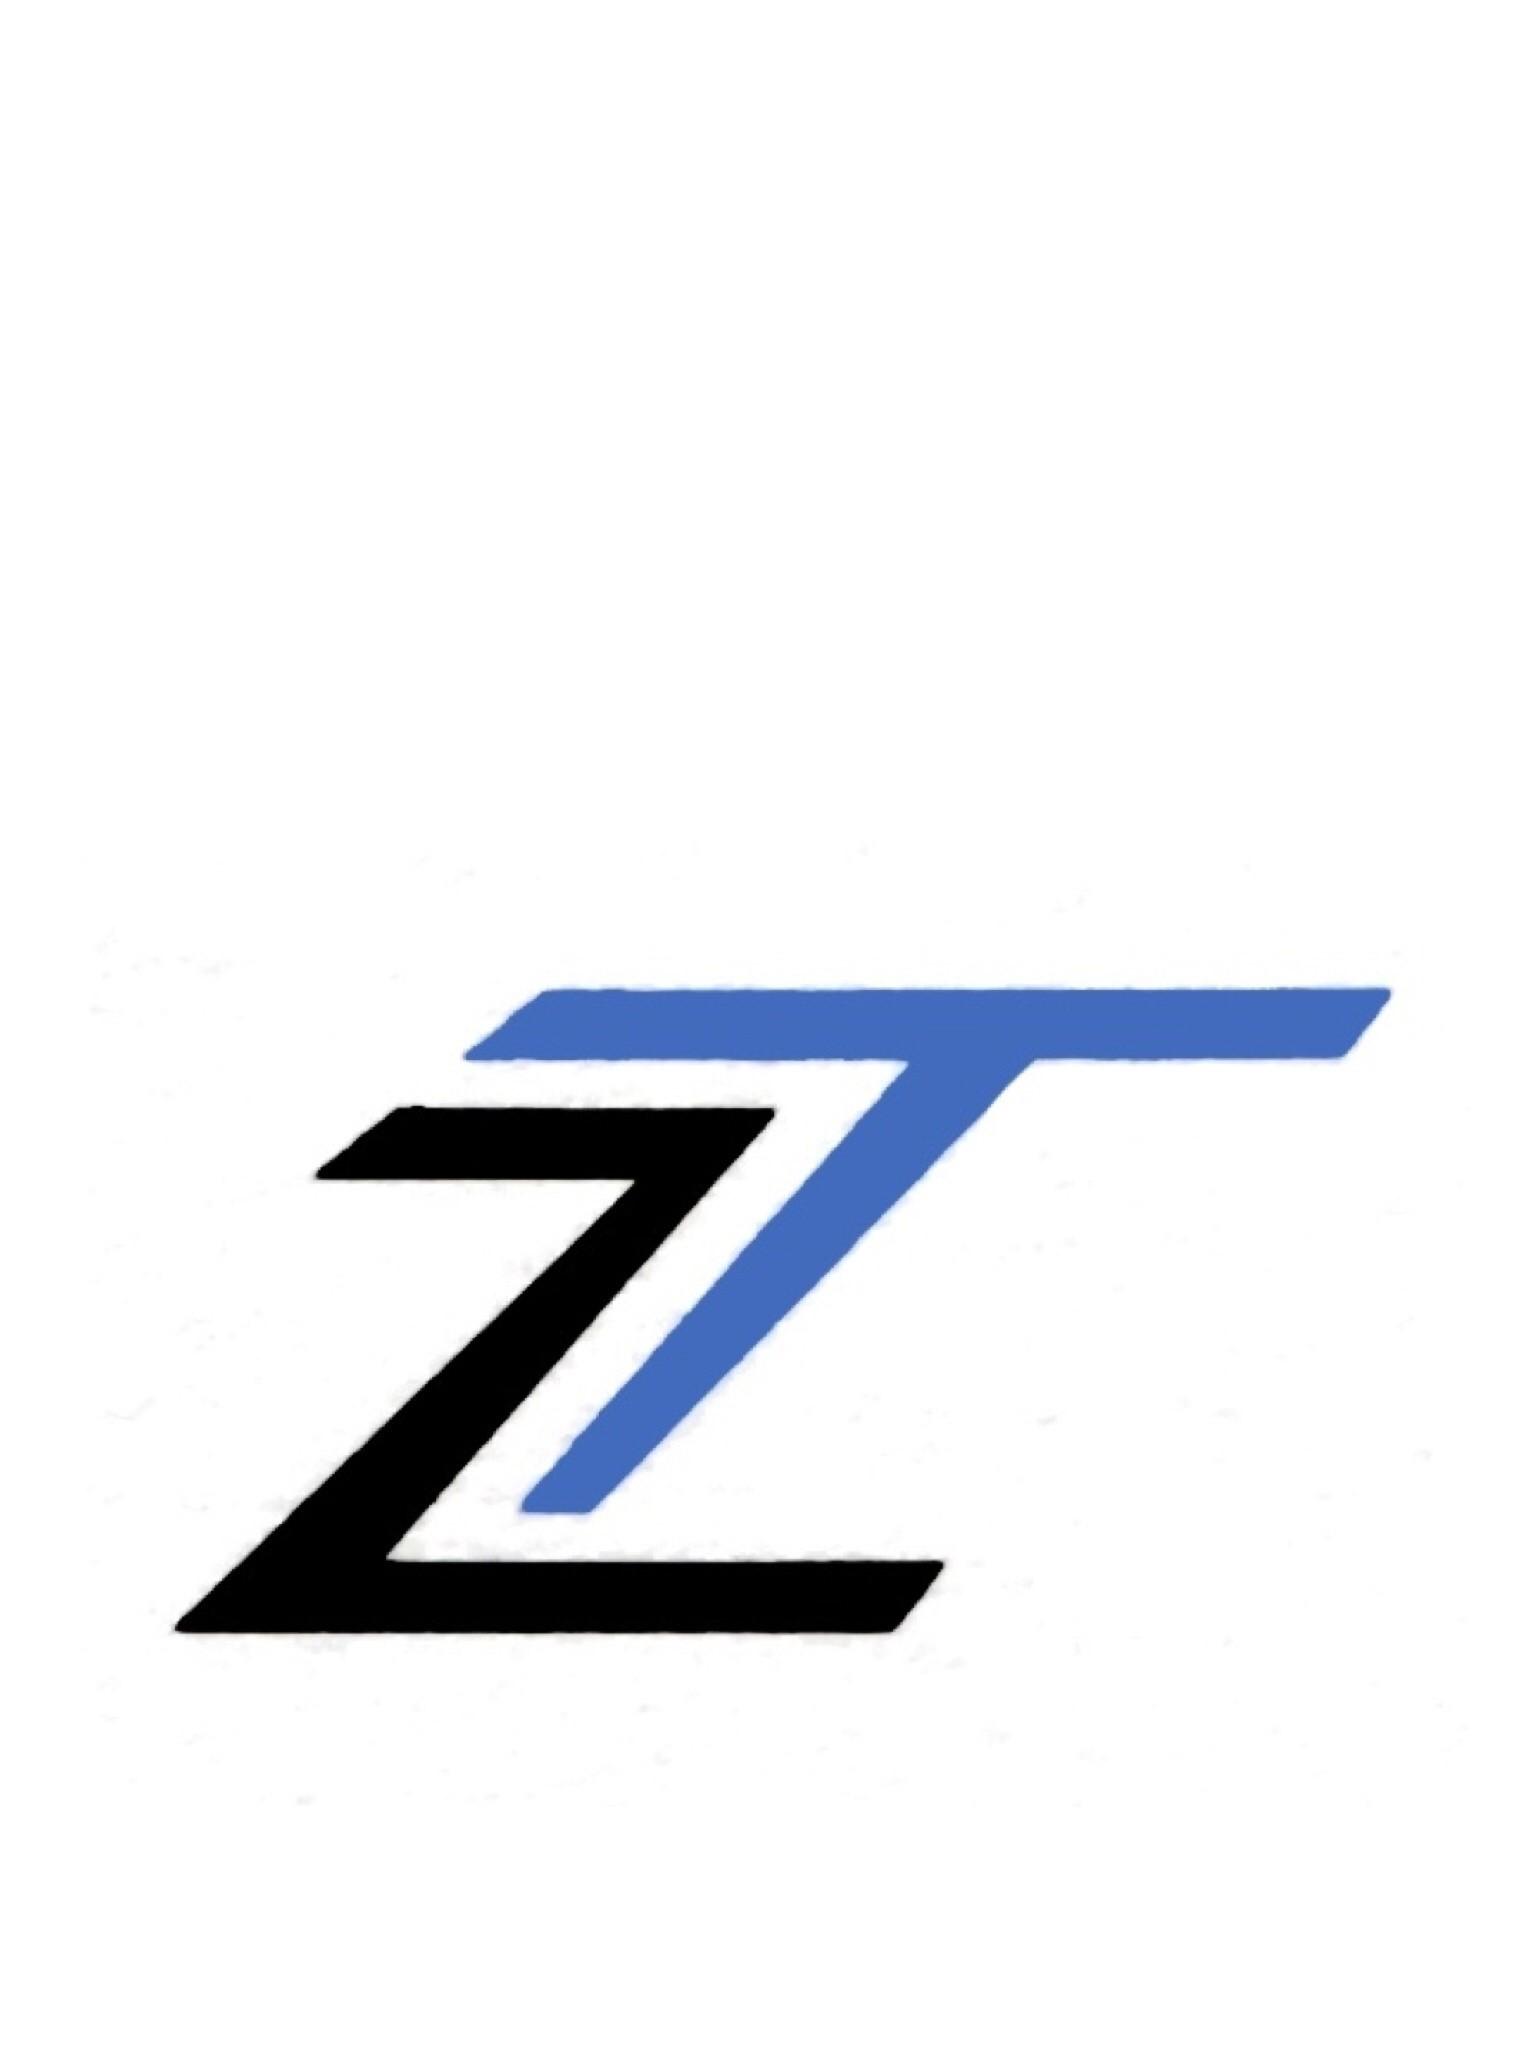 Zogg Treuhand AG